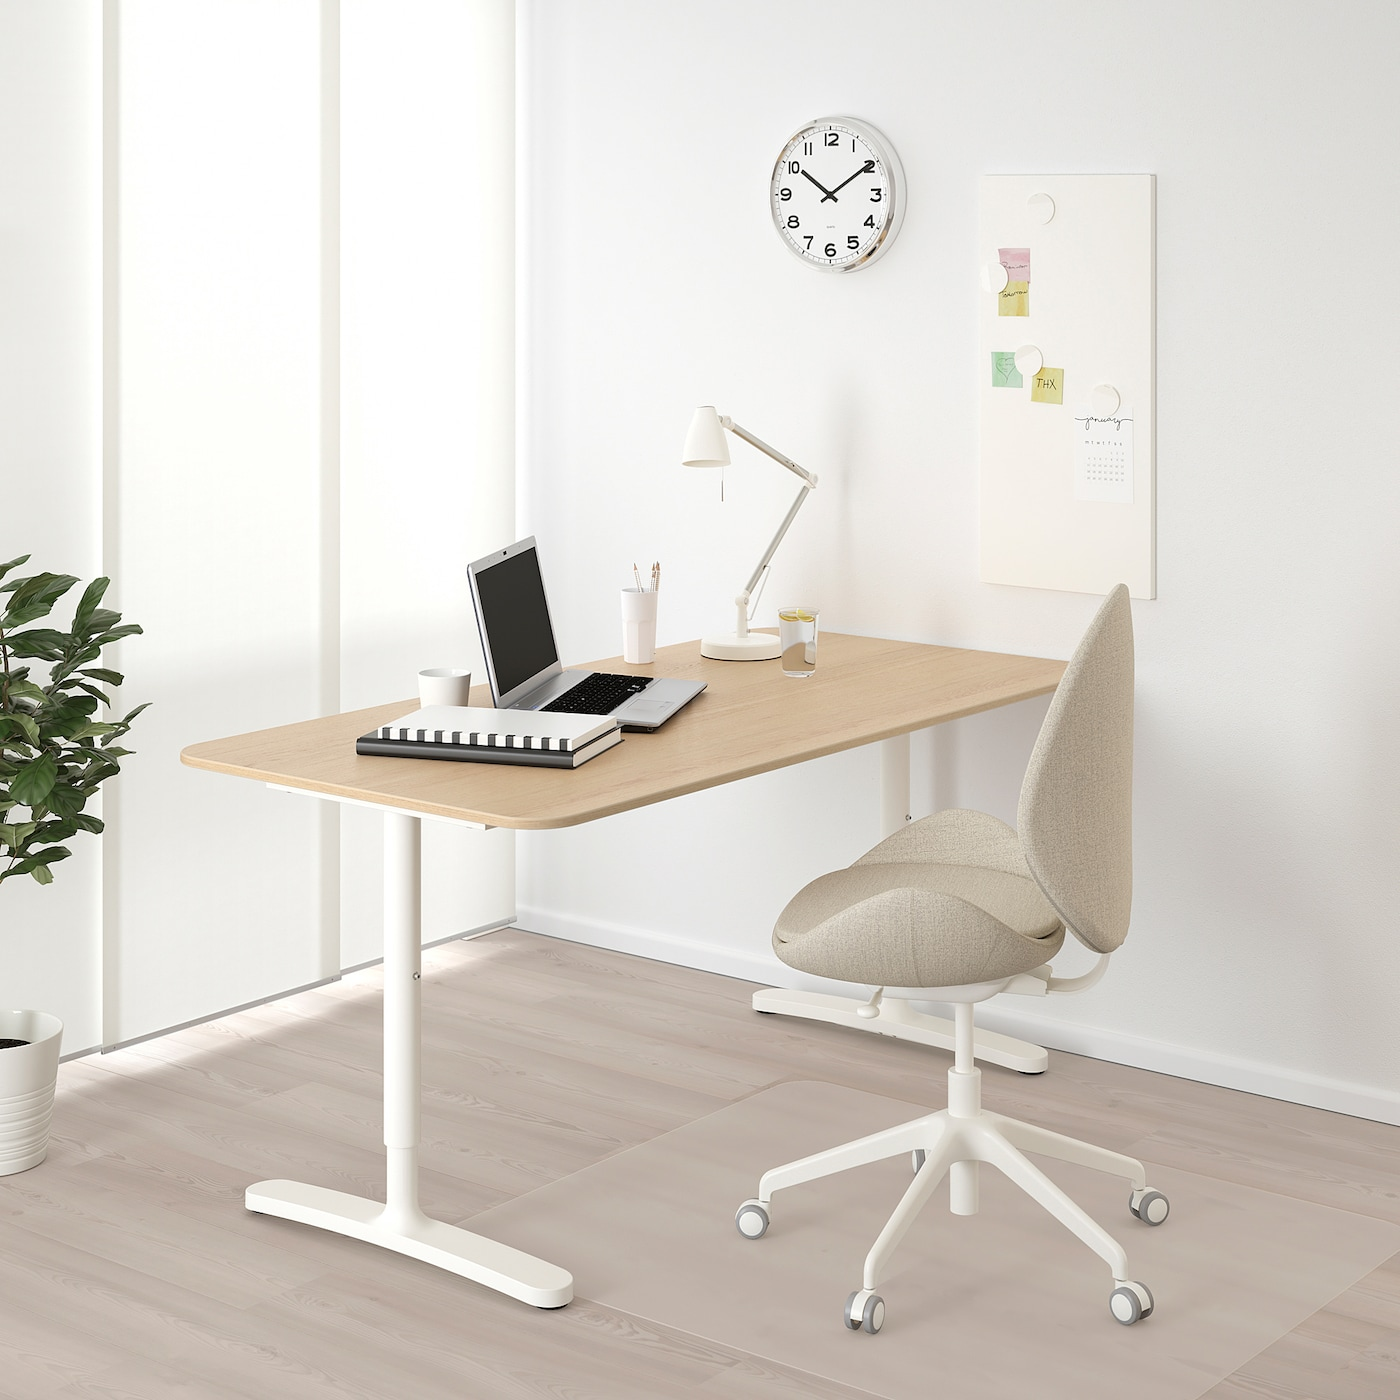 BEKANT Desk, white stained oak veneer/white, 160x80 cm